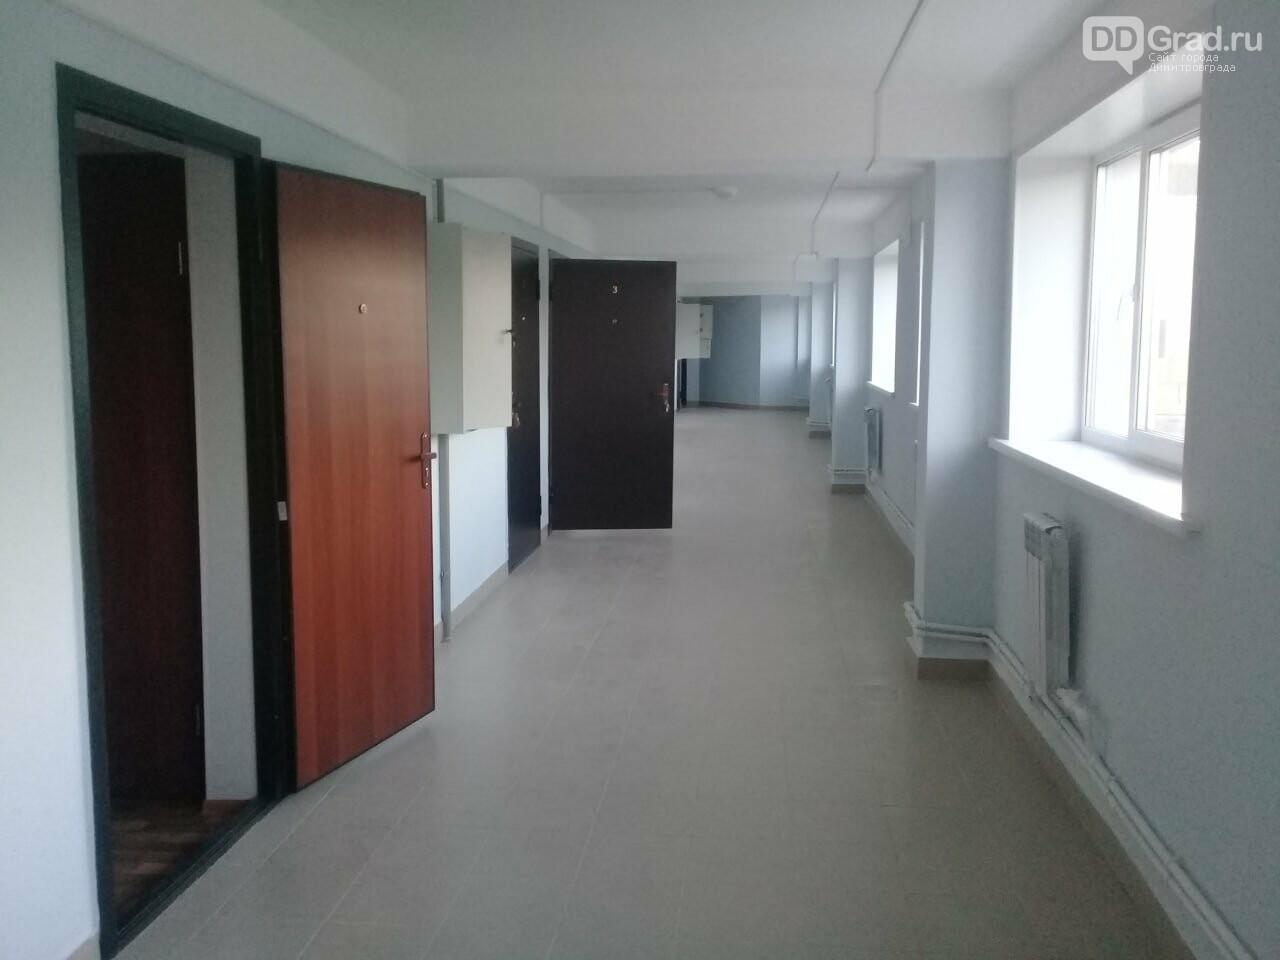 В 2020 году, в Димитровграде будет сдан дом для сирот, фото-2